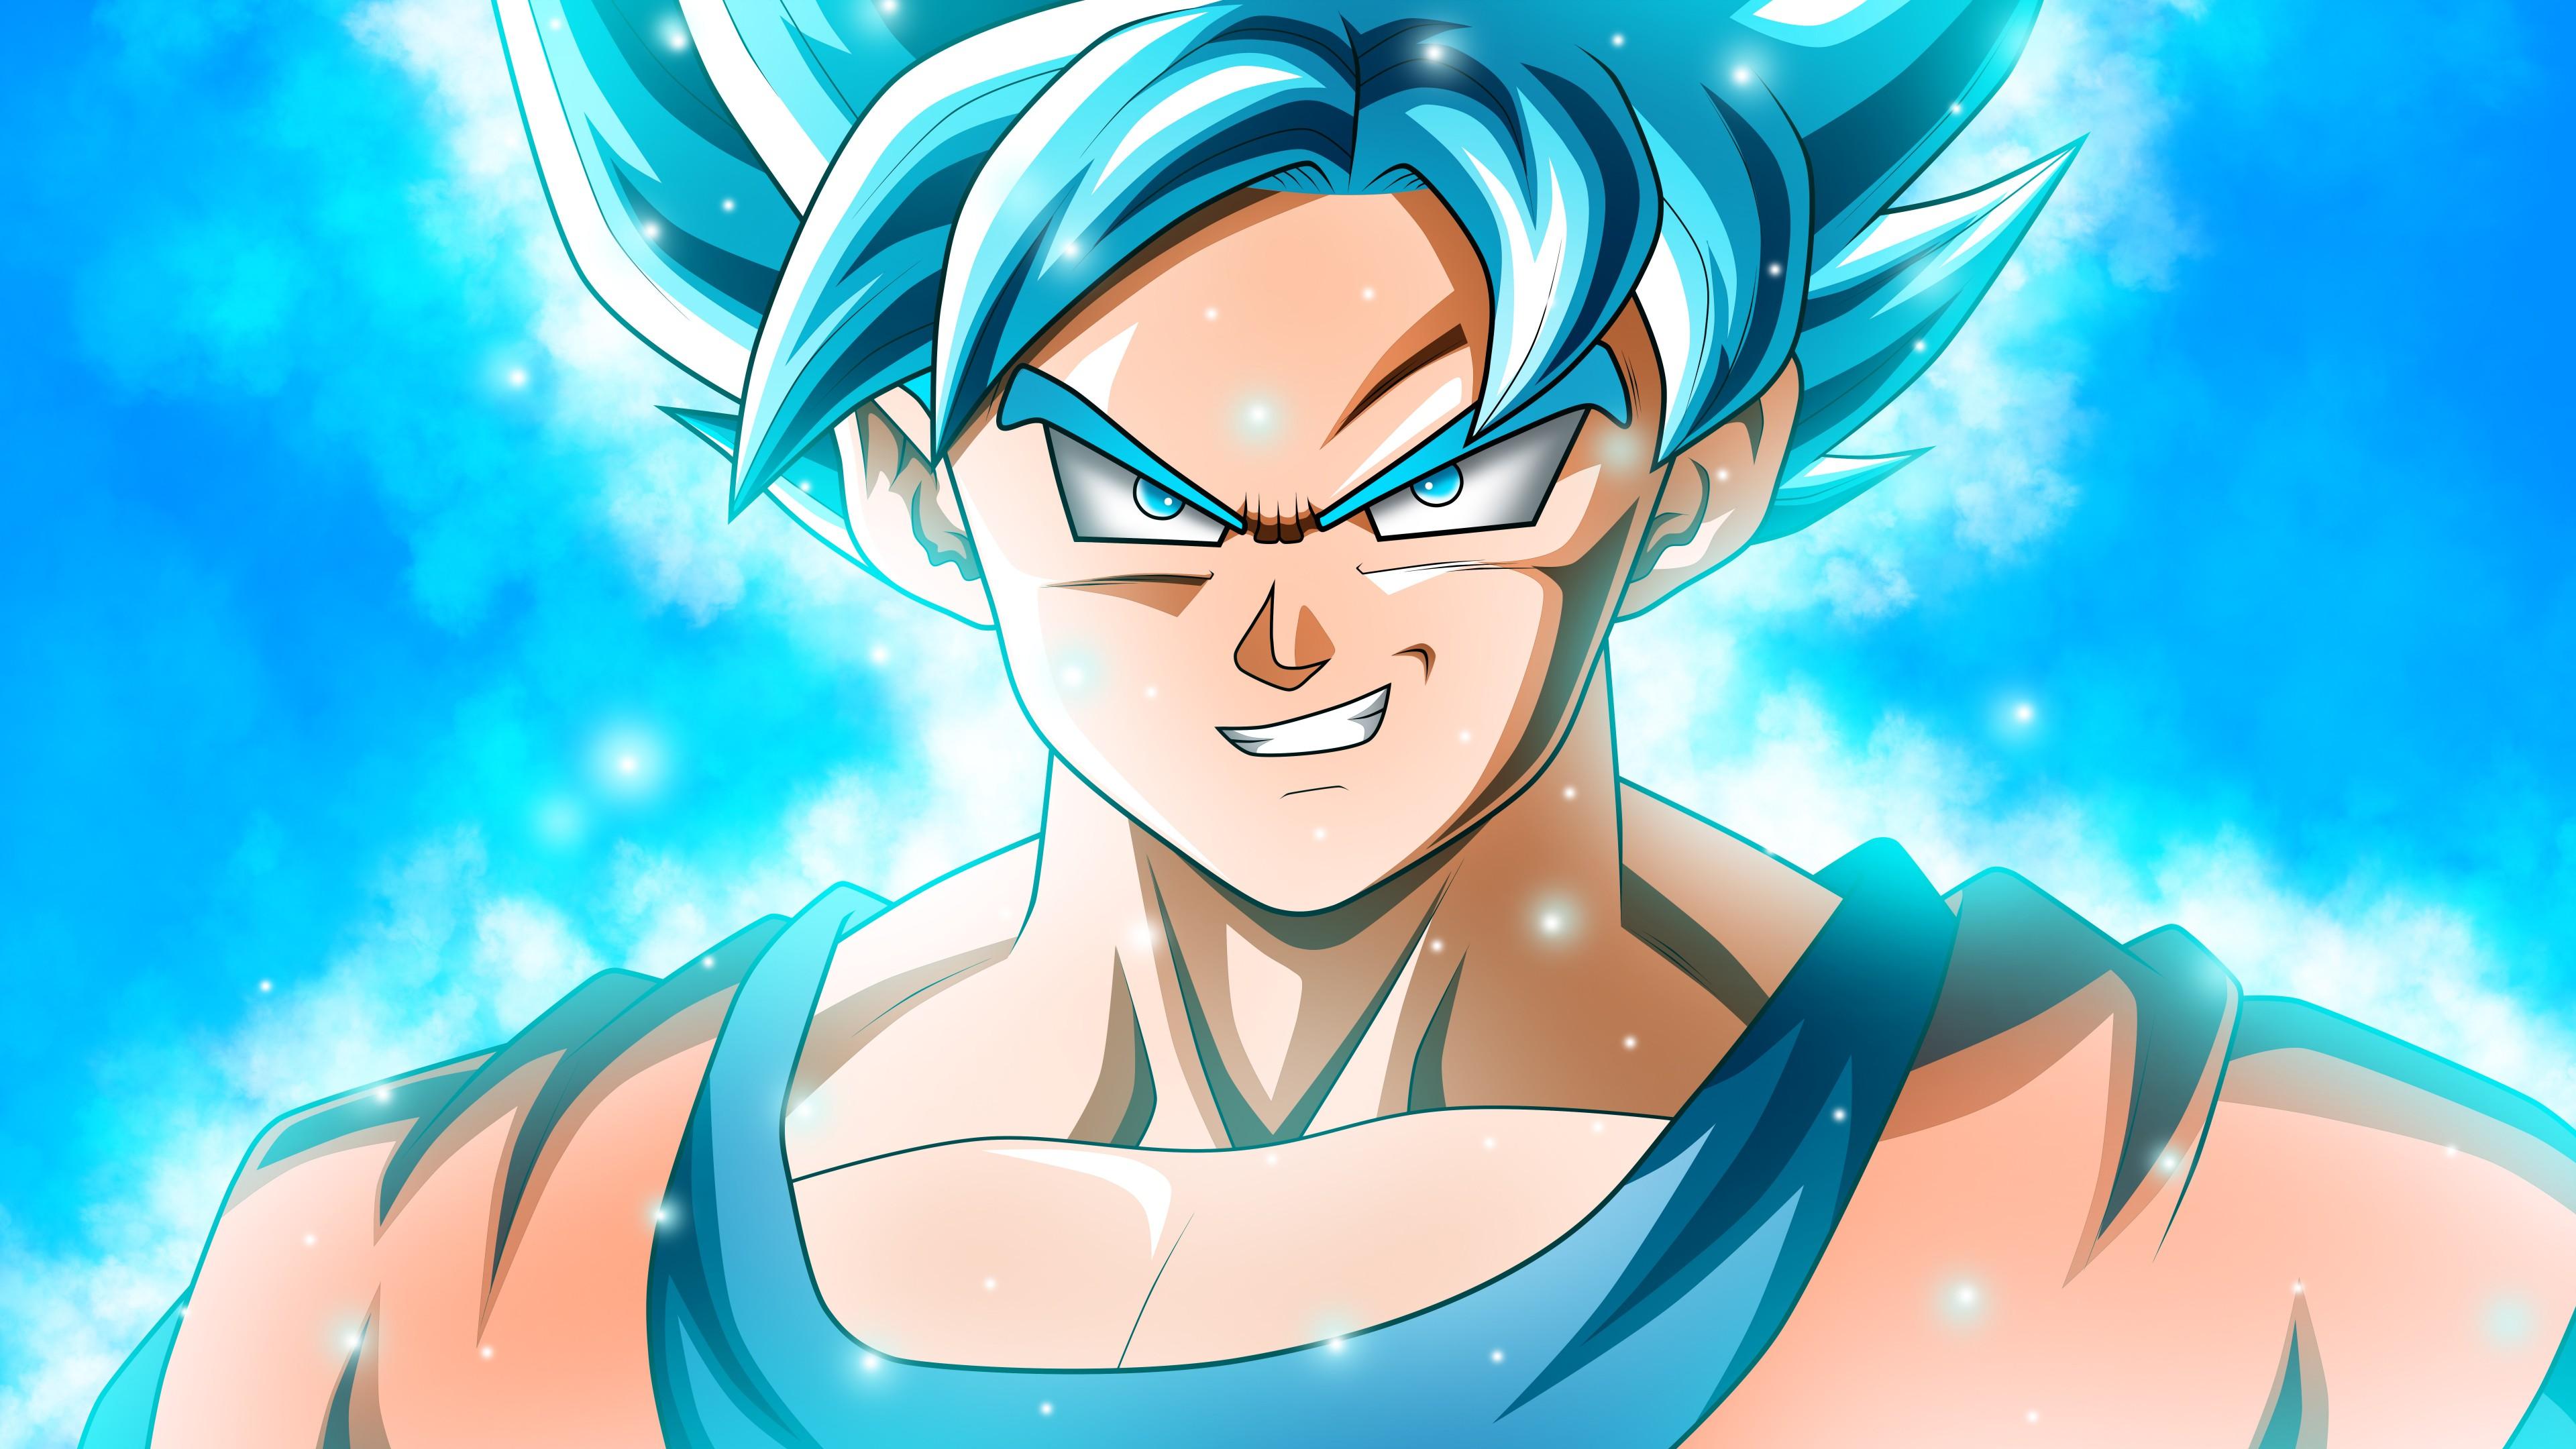 Аниме Персонаж воина внеземной расы со сверхчеловеческой силой с синим зарядом энергии